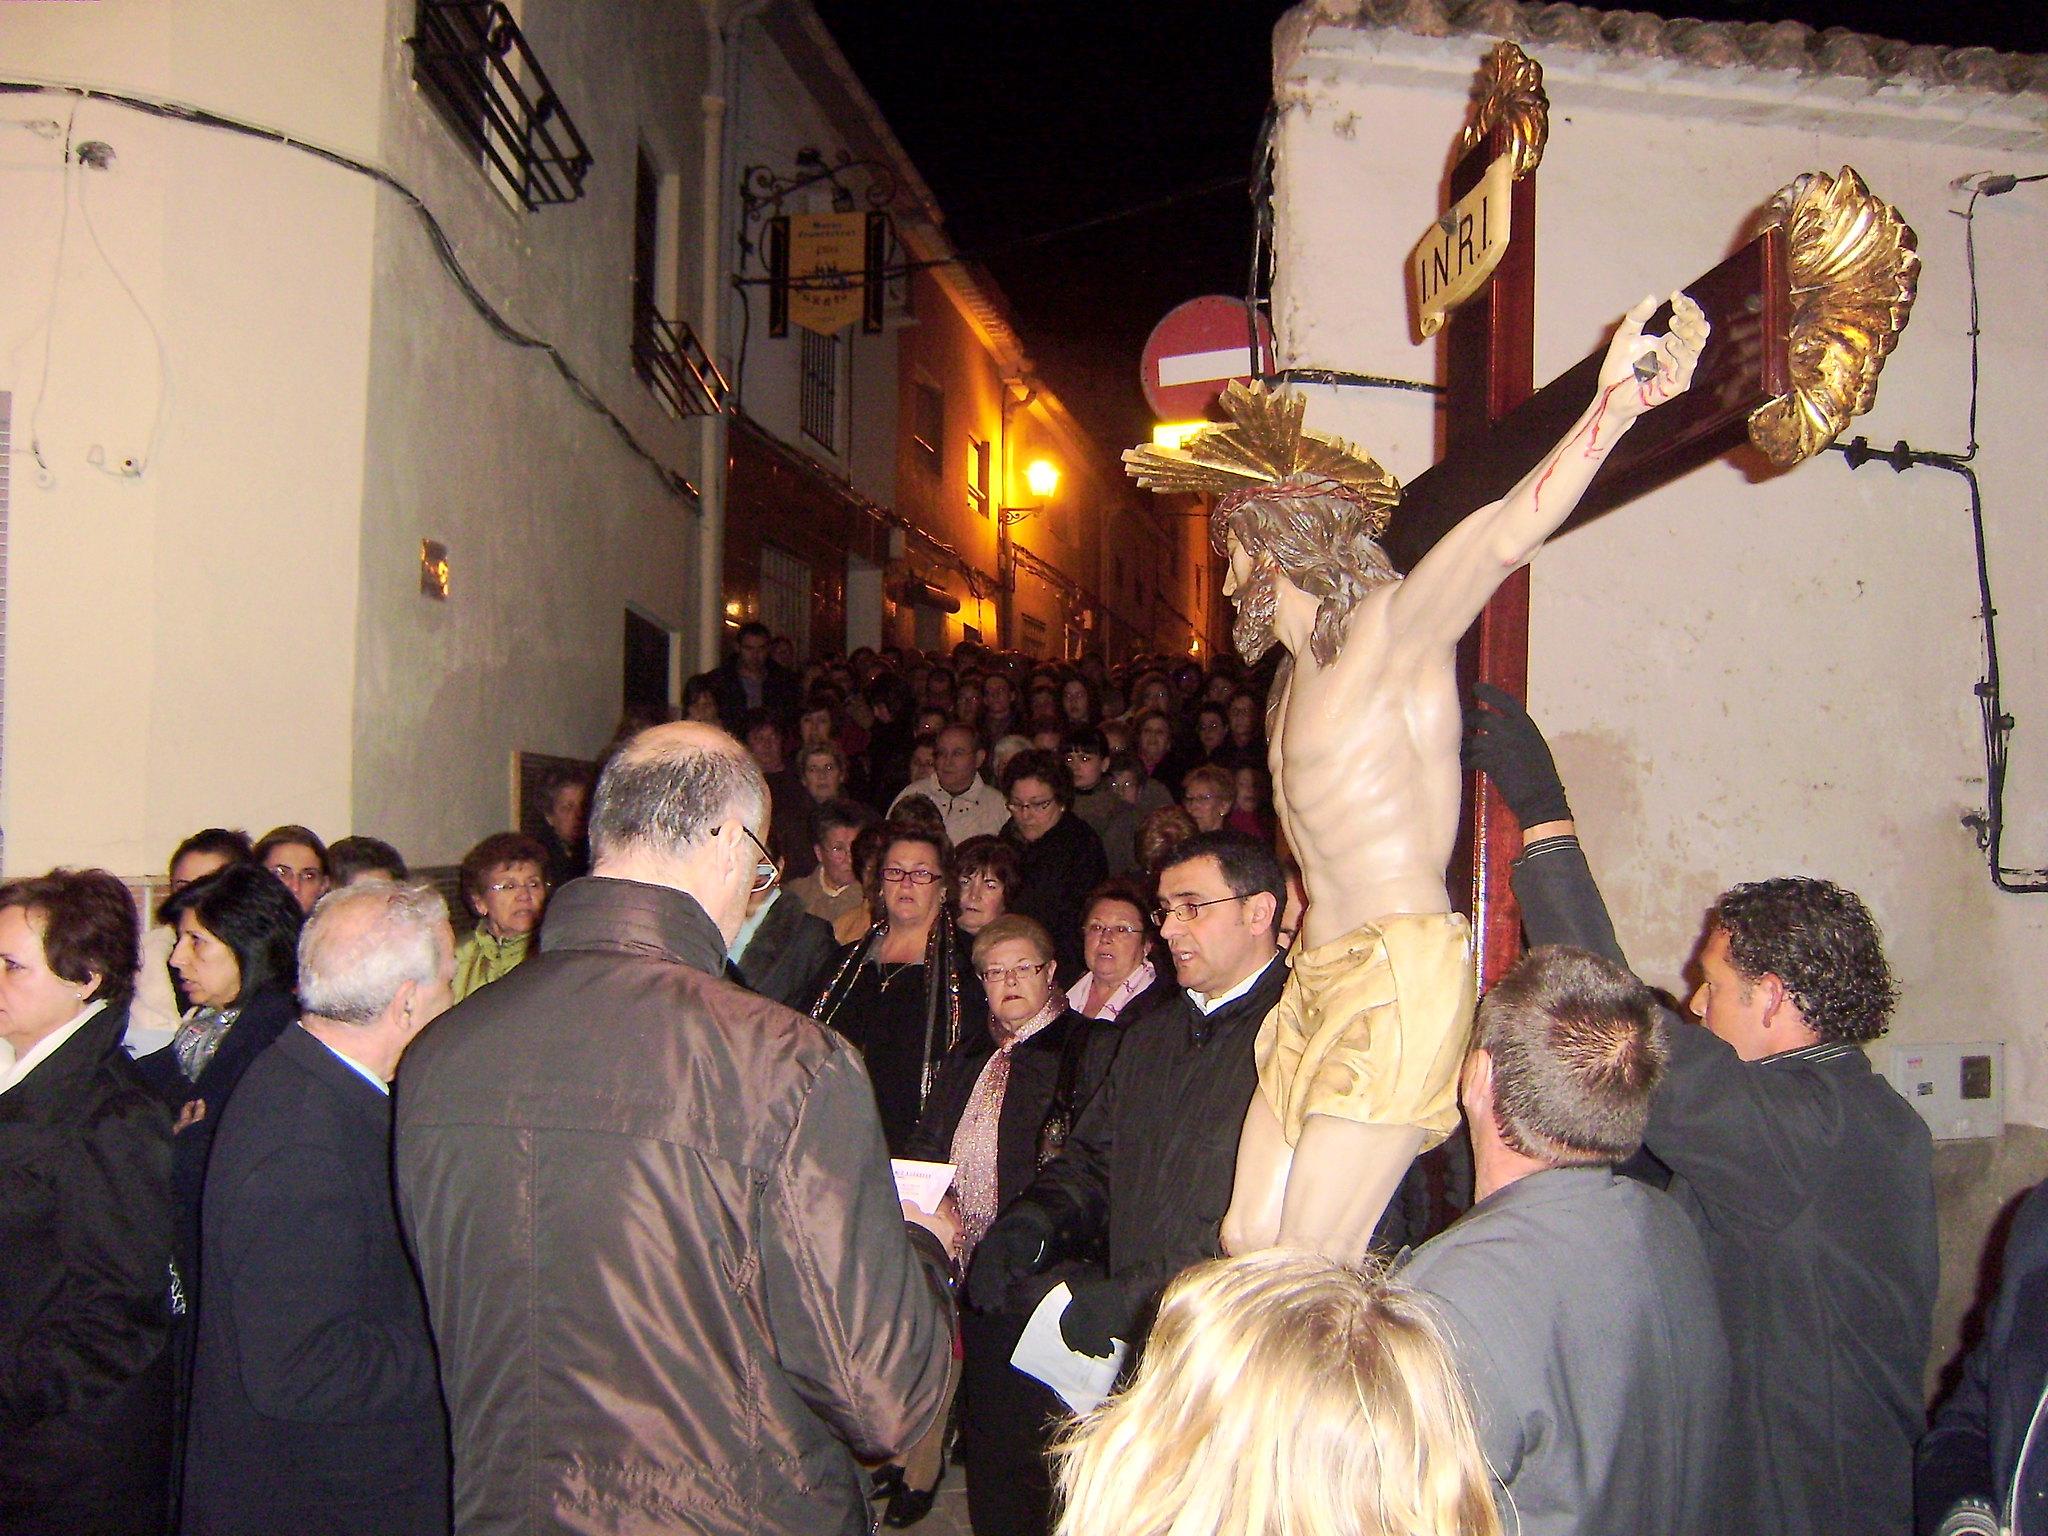 (2010-03-26) - I Vía Crucis nocturno - Javier Romero Ripoll - (07)